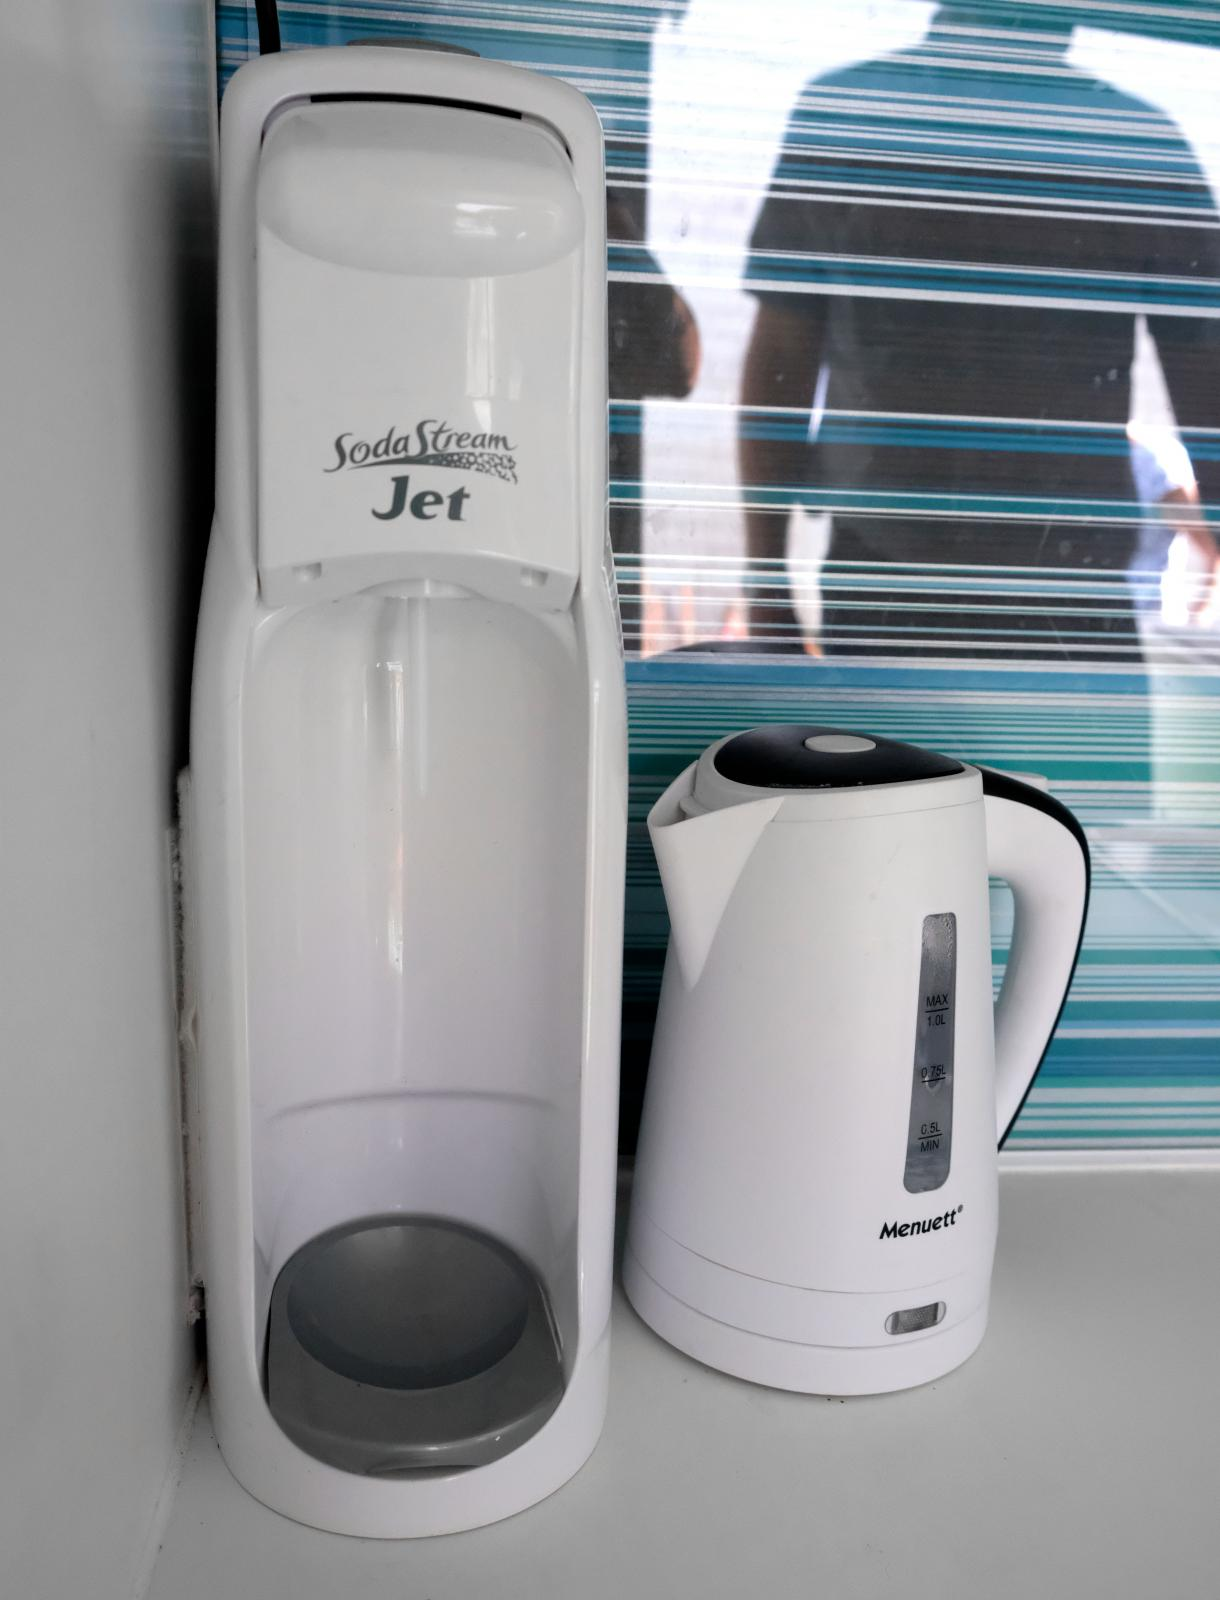 Kardborre håller fast hushållsapparater på köksbänken.